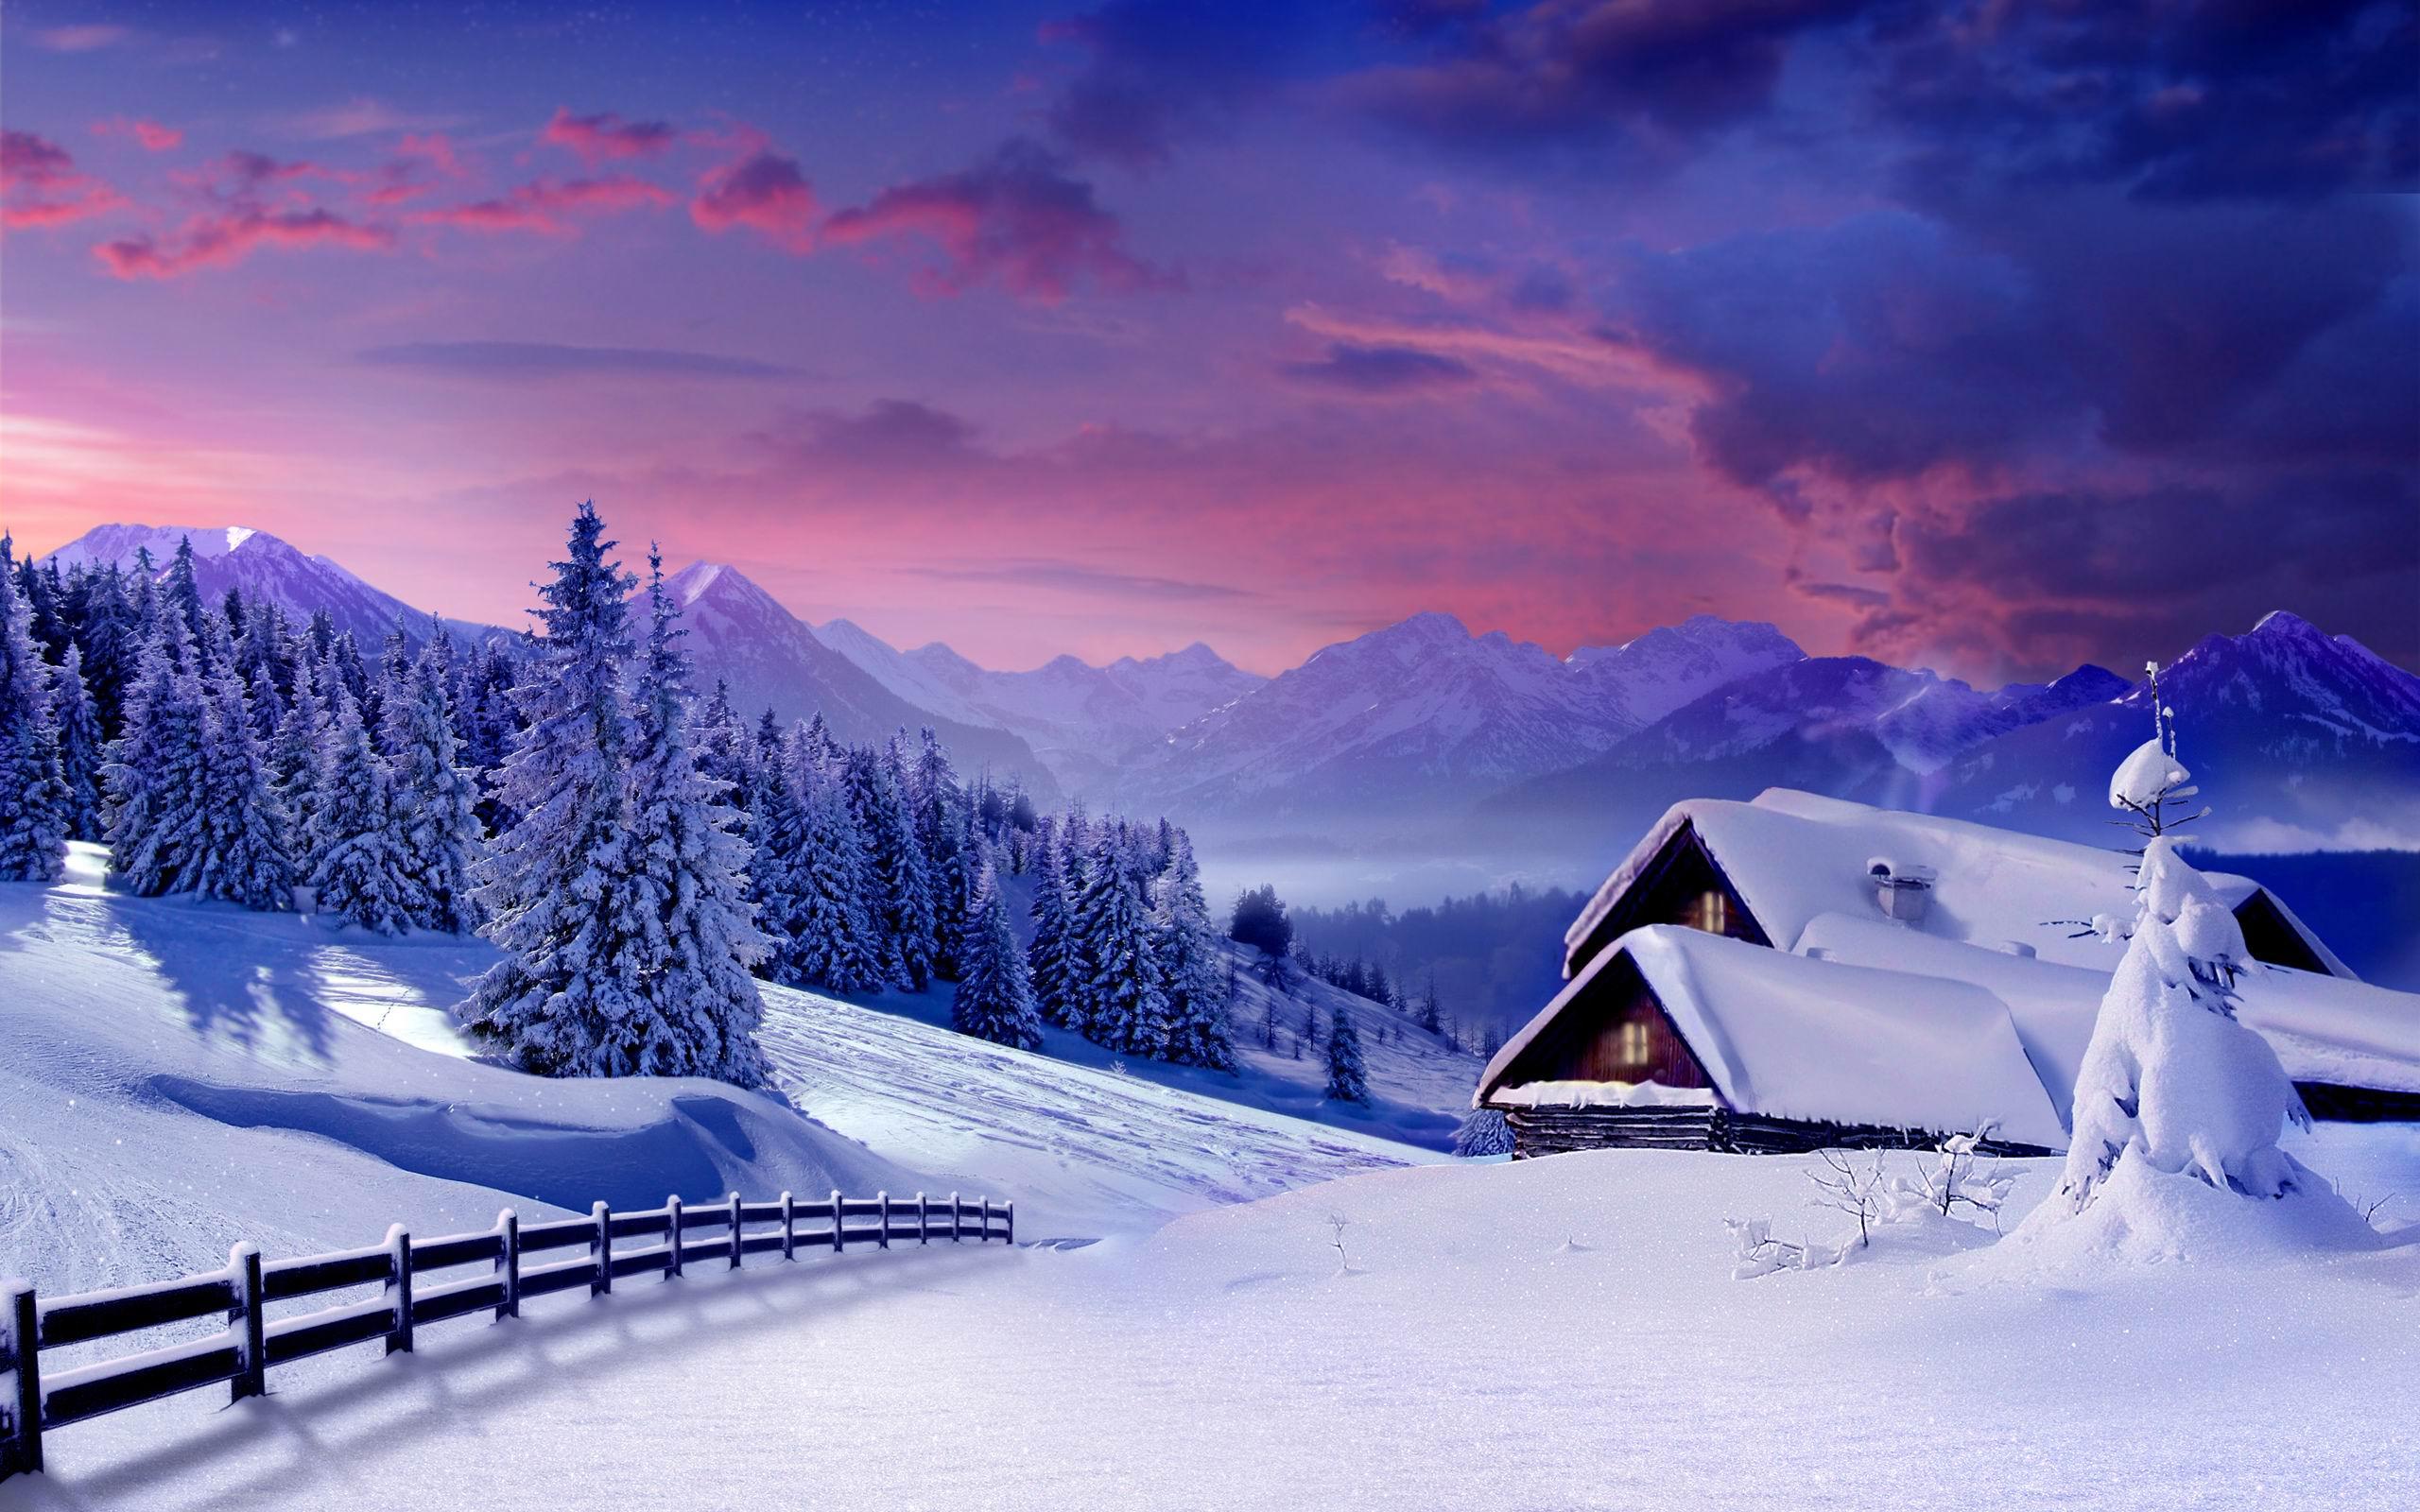 Красивые картинки зимы на рабочий стол в хорошем качестве (1)